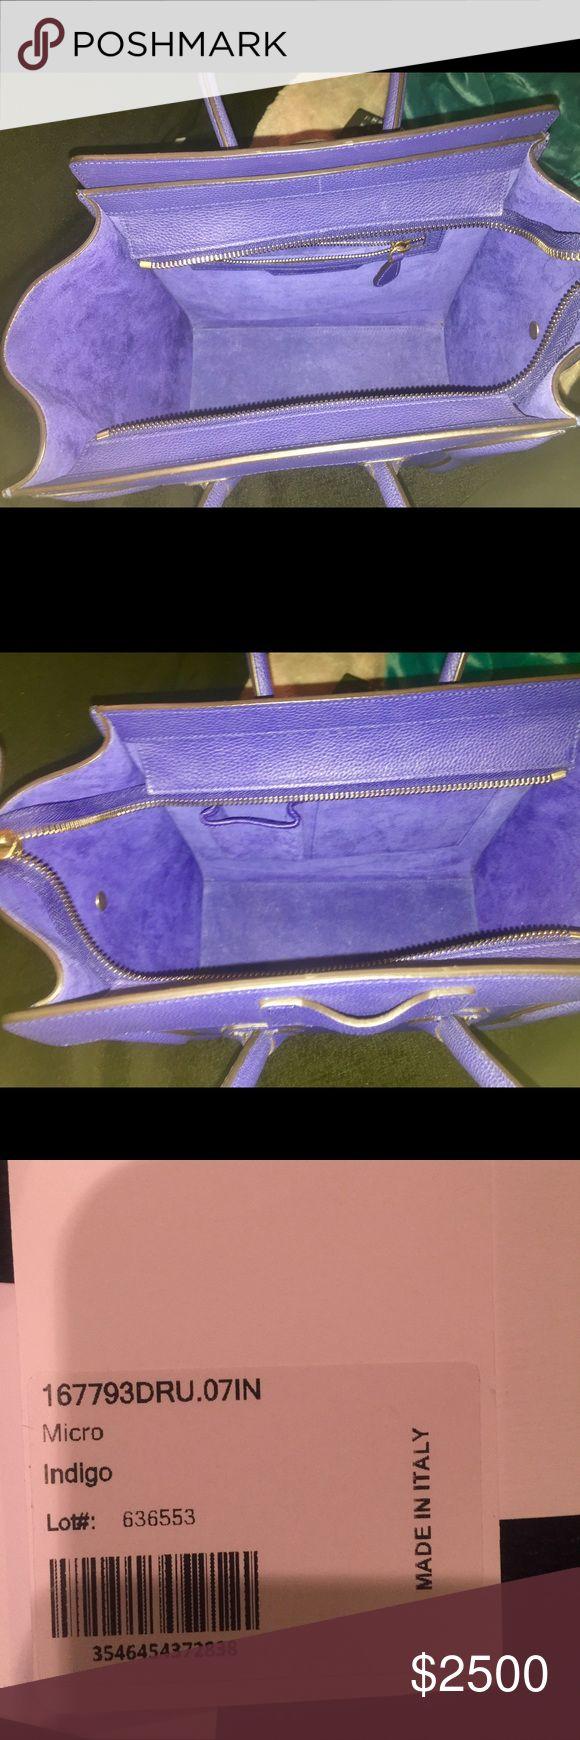 Celine bag additional pics More pics Celine Bags Satchels